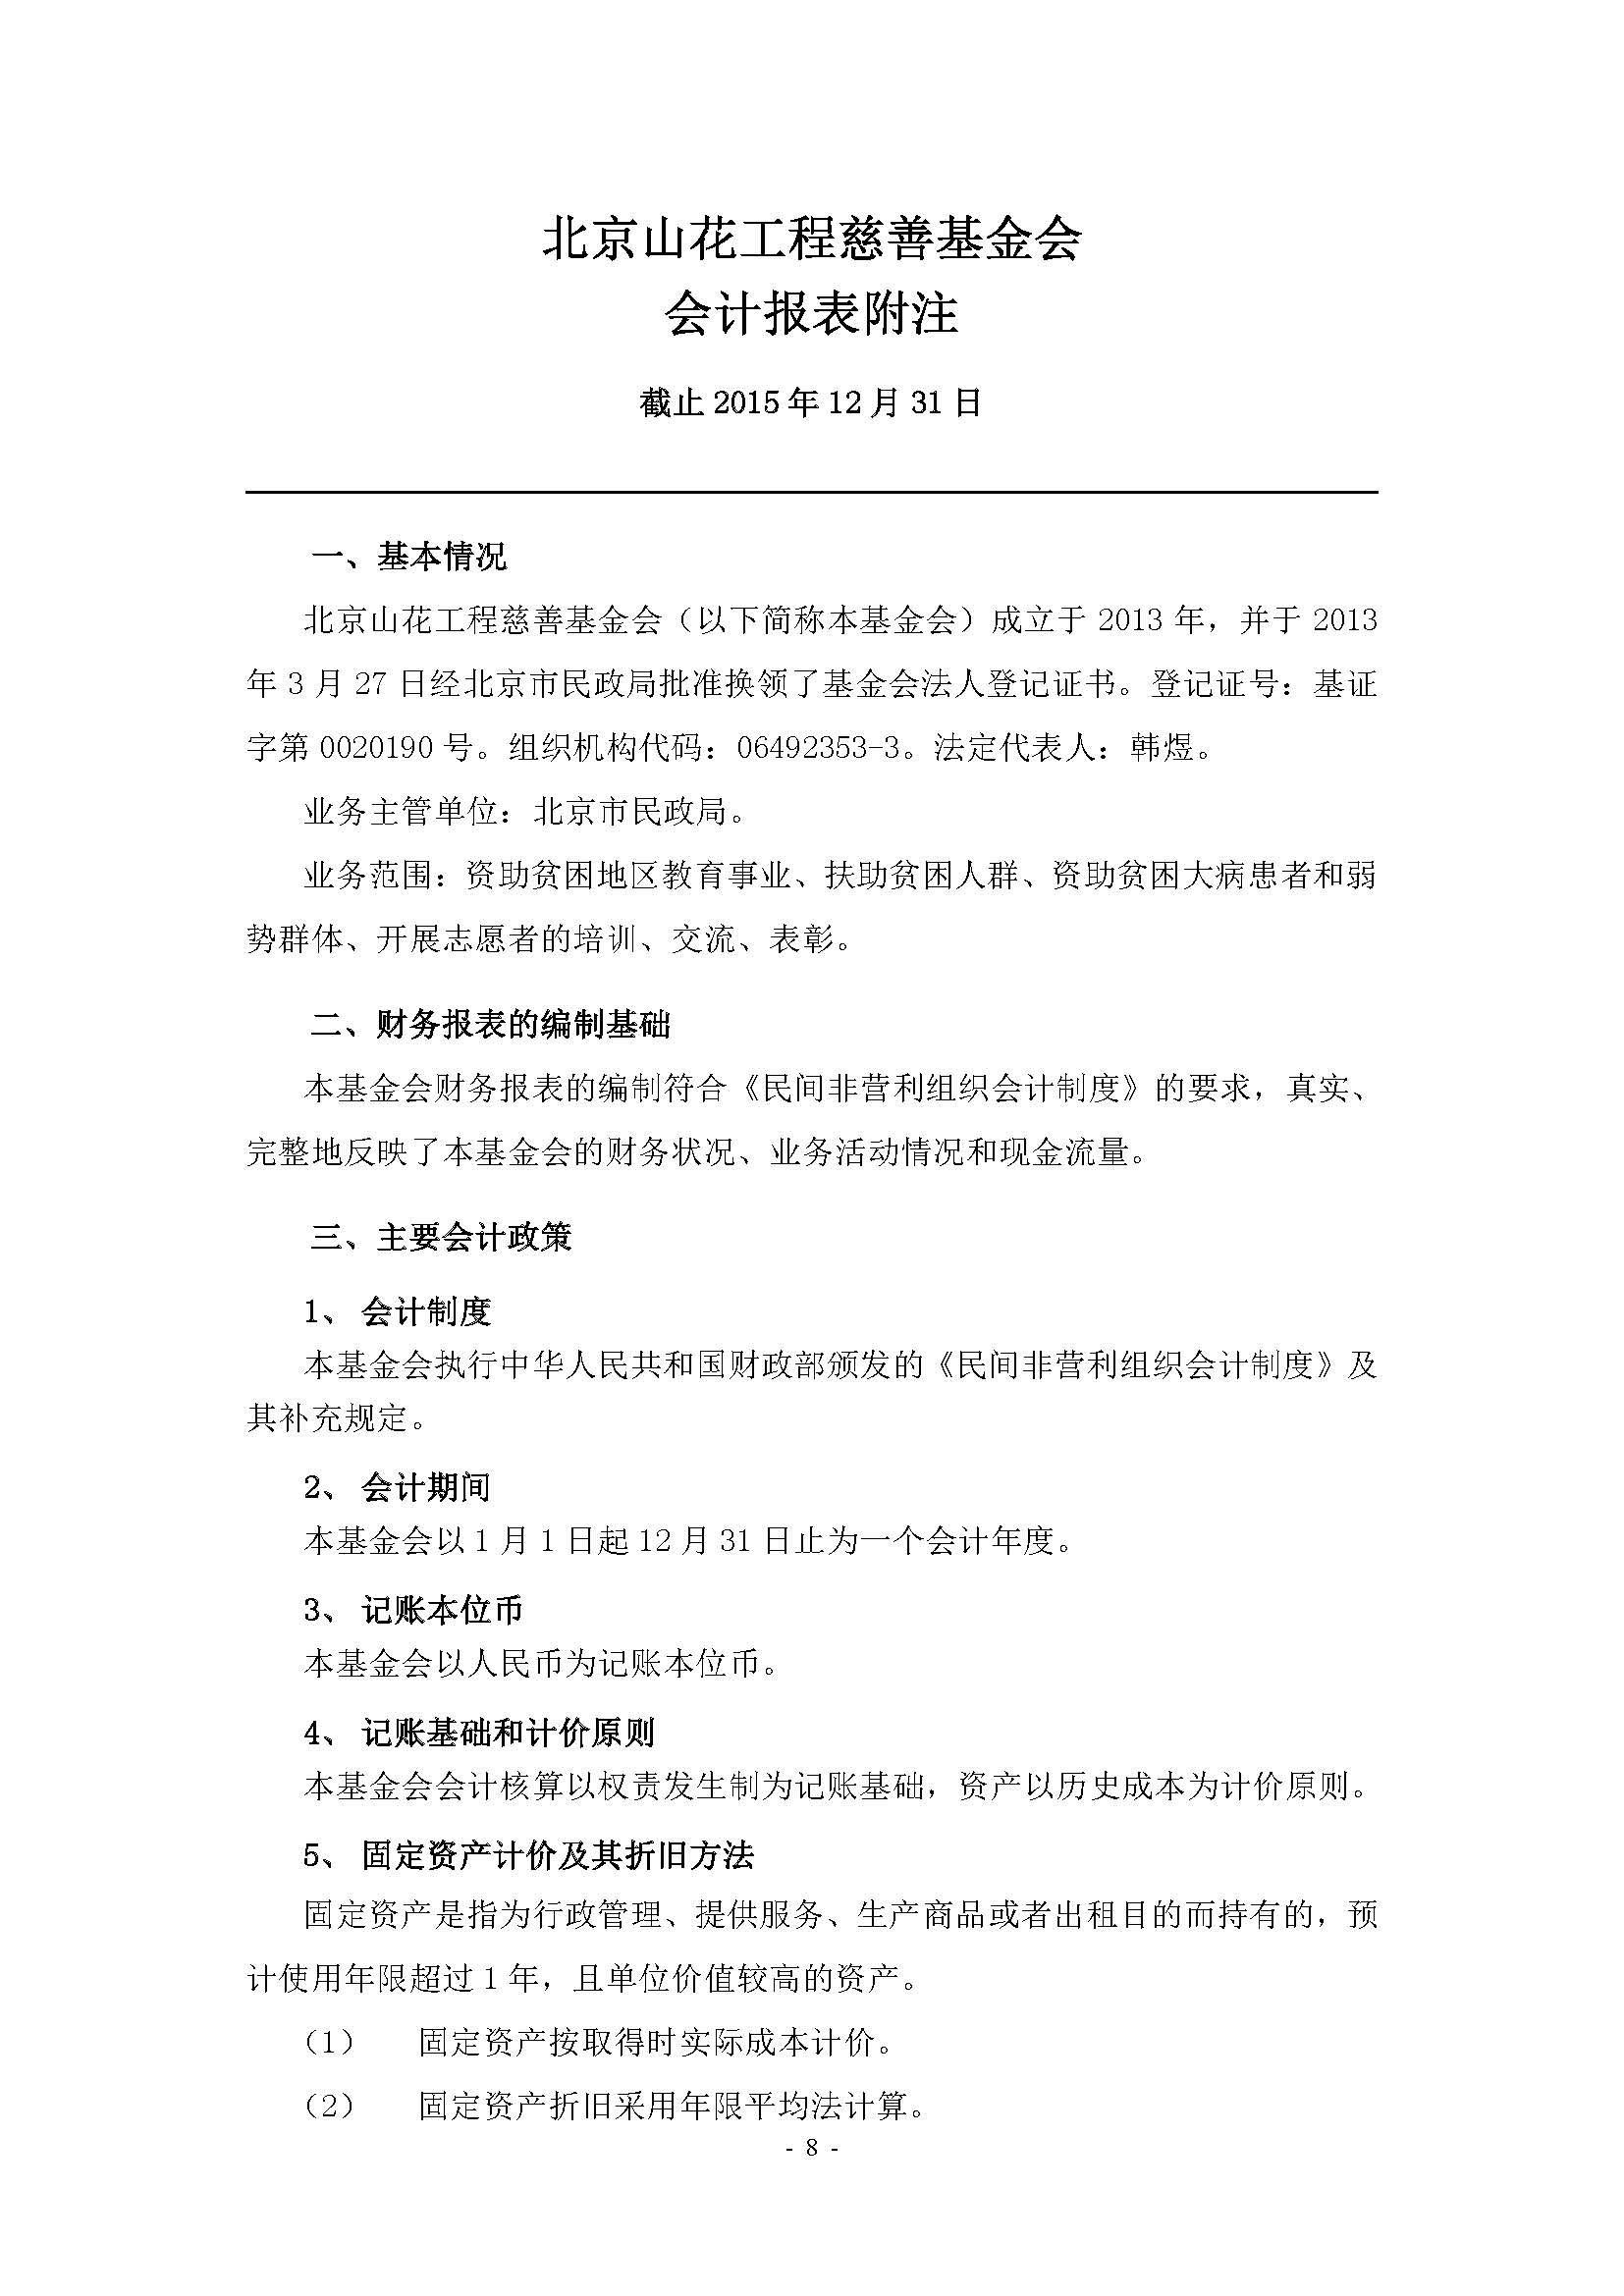 [2016]3016#山花工程基金会审计报告(电子签章)_页面_09